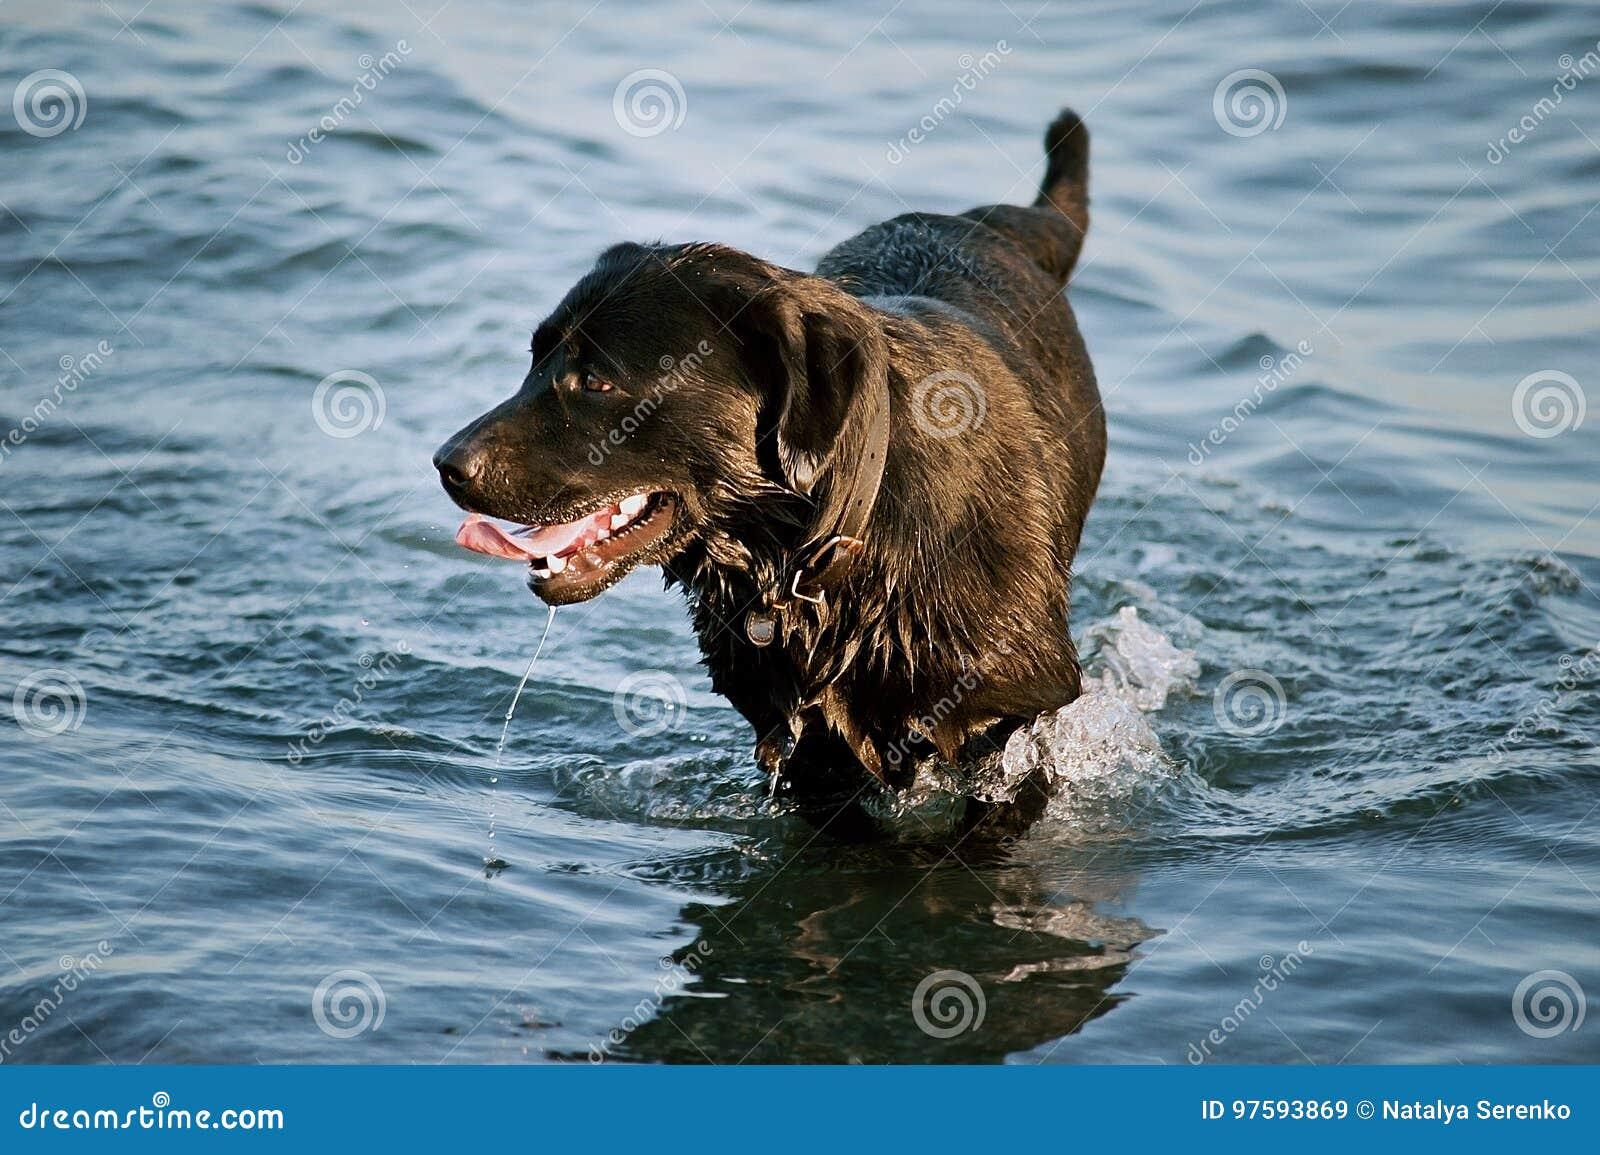 Den stora svarta hunden badas i vattnet den labrador golden retrieverhunden kör på vatten i havet